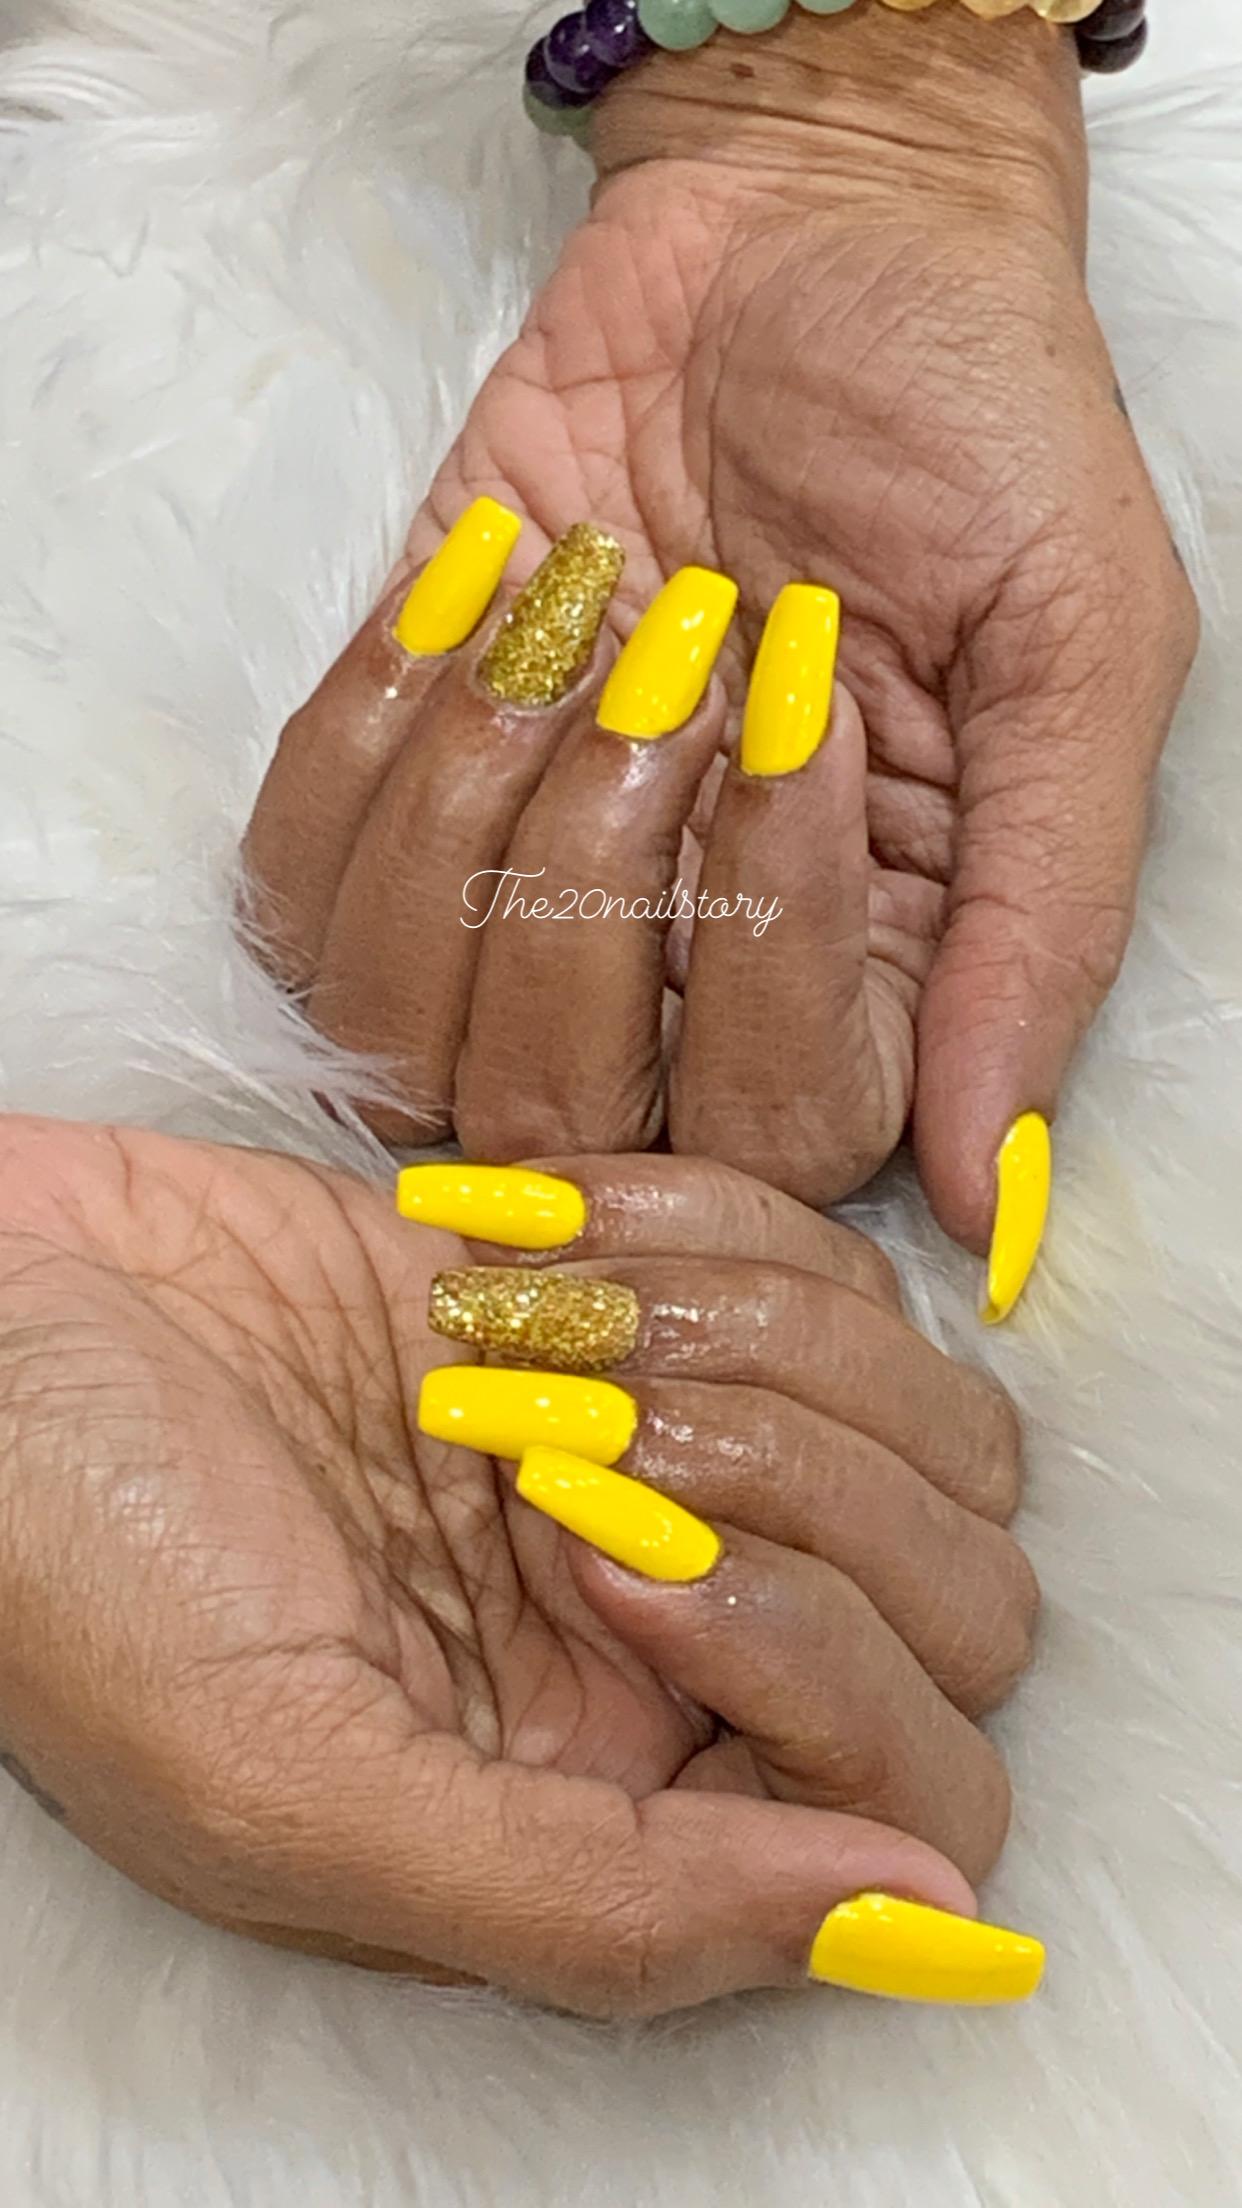 yellow nail extensions in kolkata